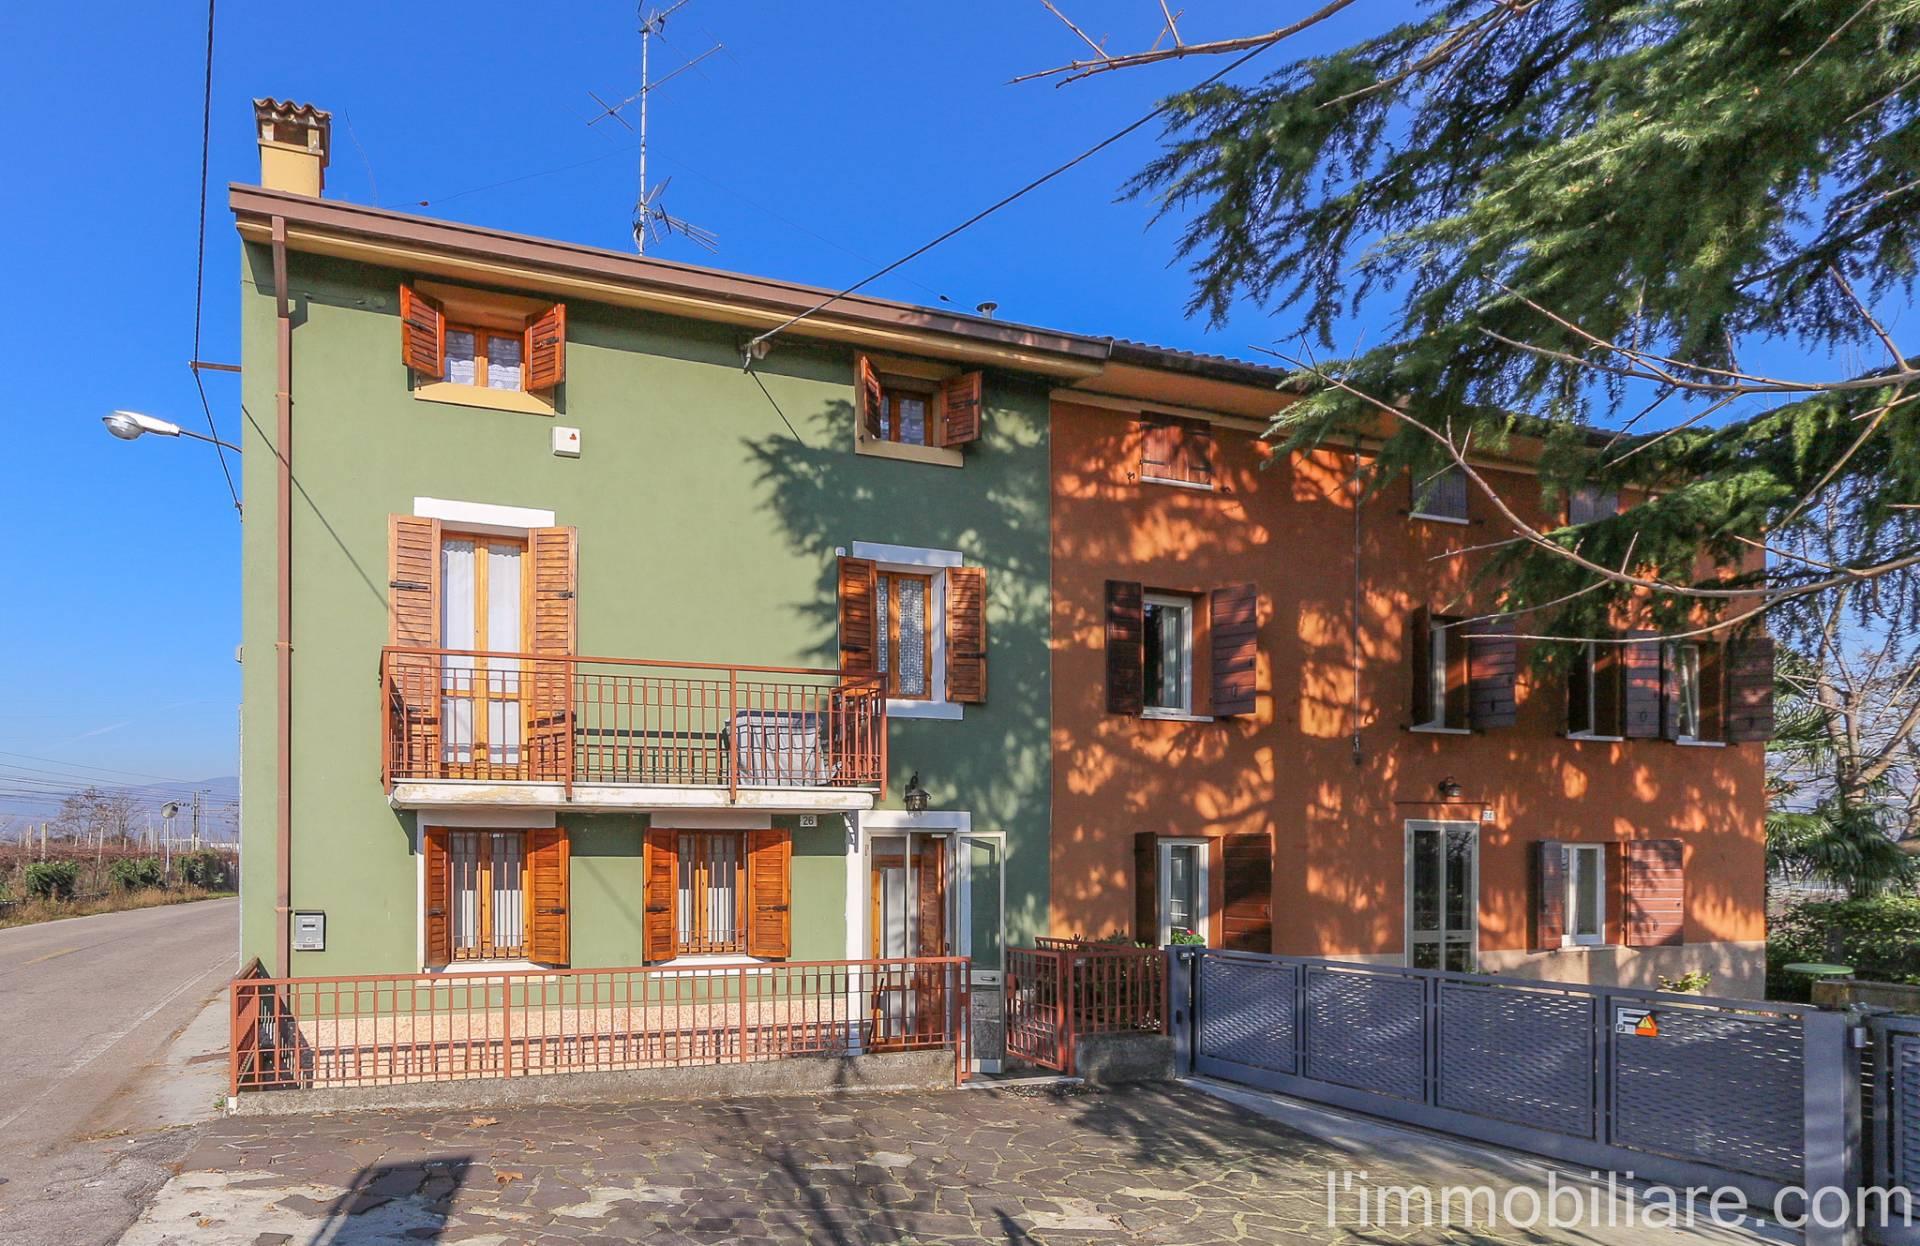 Casa indipendente in vendita a verona via giacomo barucchi for Comprare garage indipendente